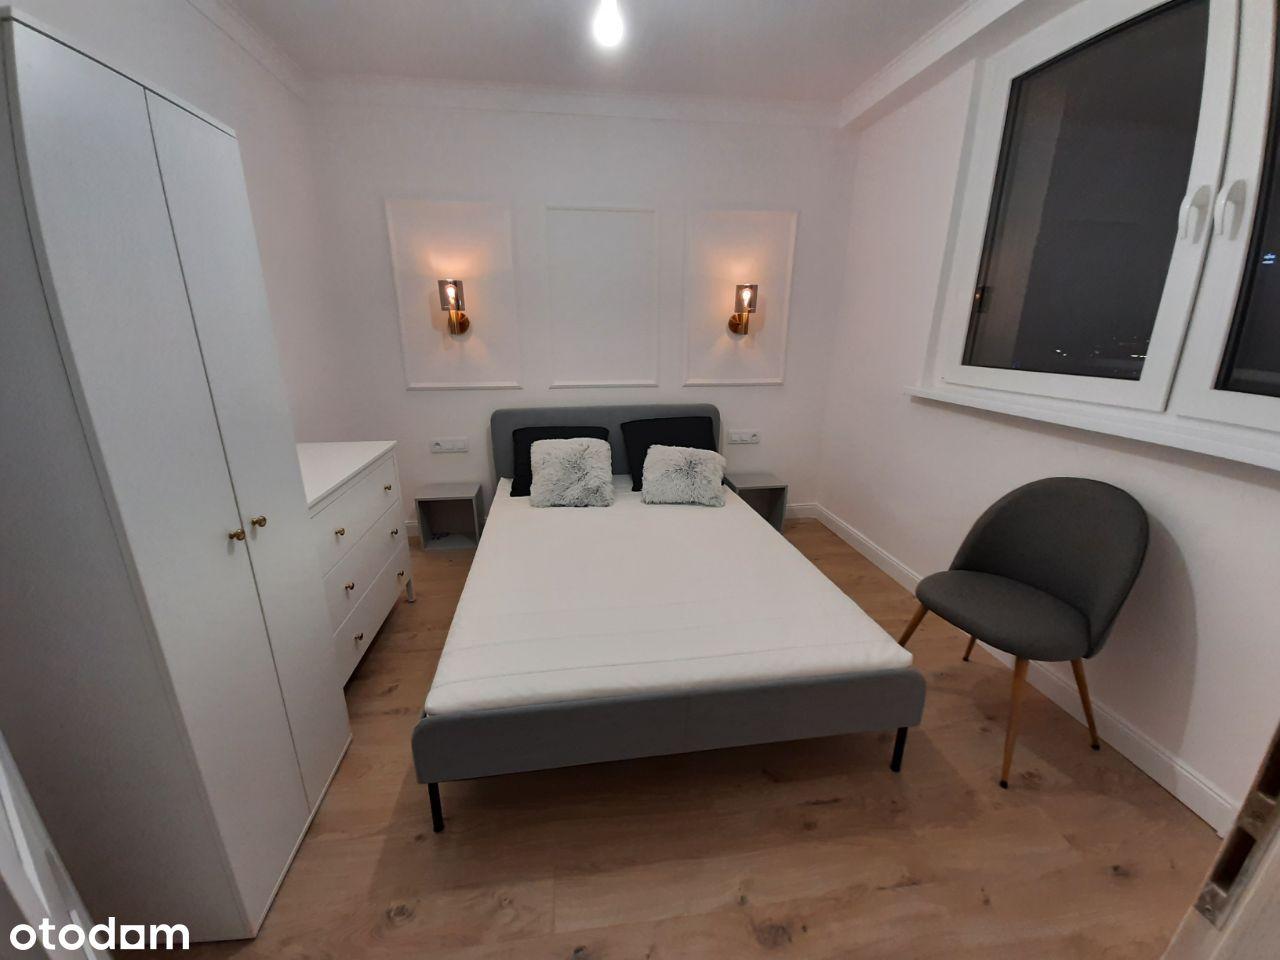 Superjednostka, wysoki standard, 2 pokoje, widok